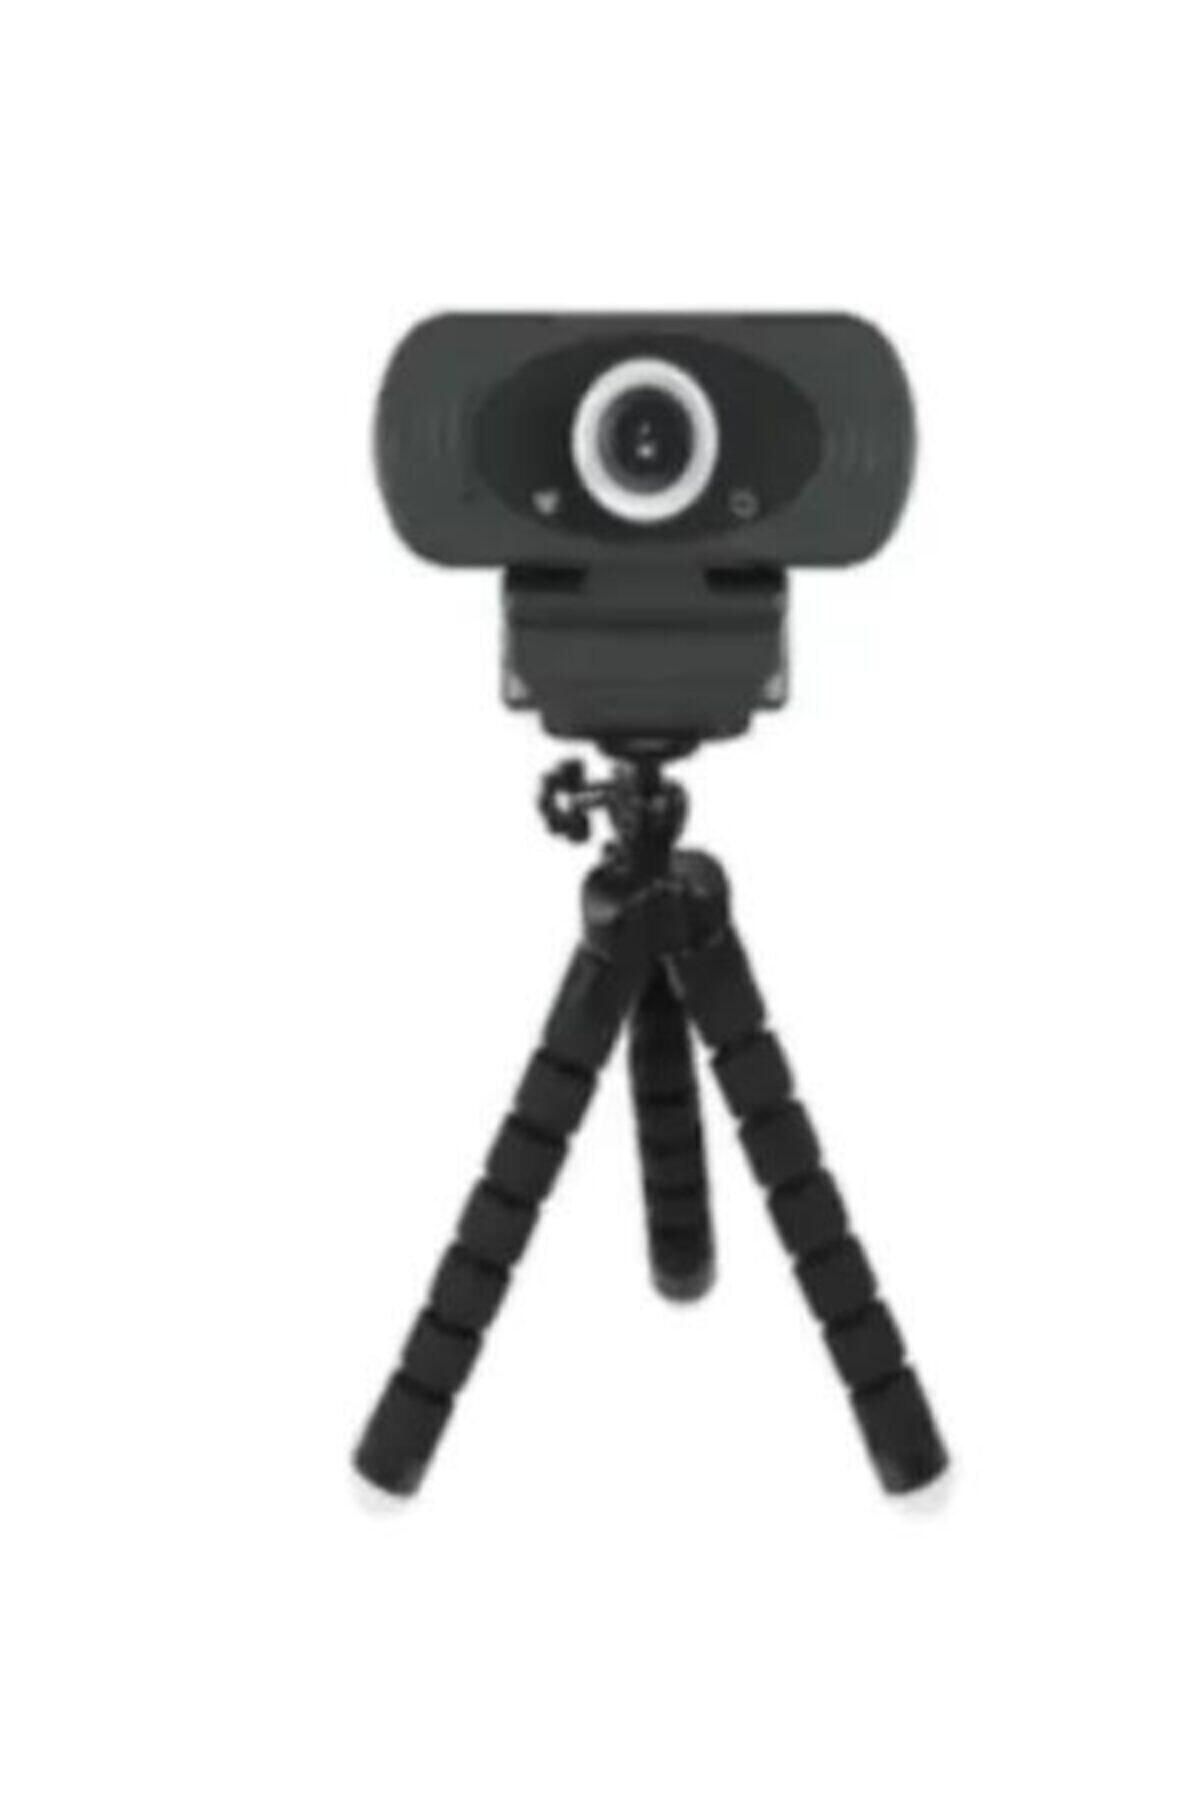 Everest Siyah Sc-hd03 1080p Full Hd Tripodlu Usb Pc Kamera 8680096097638 2